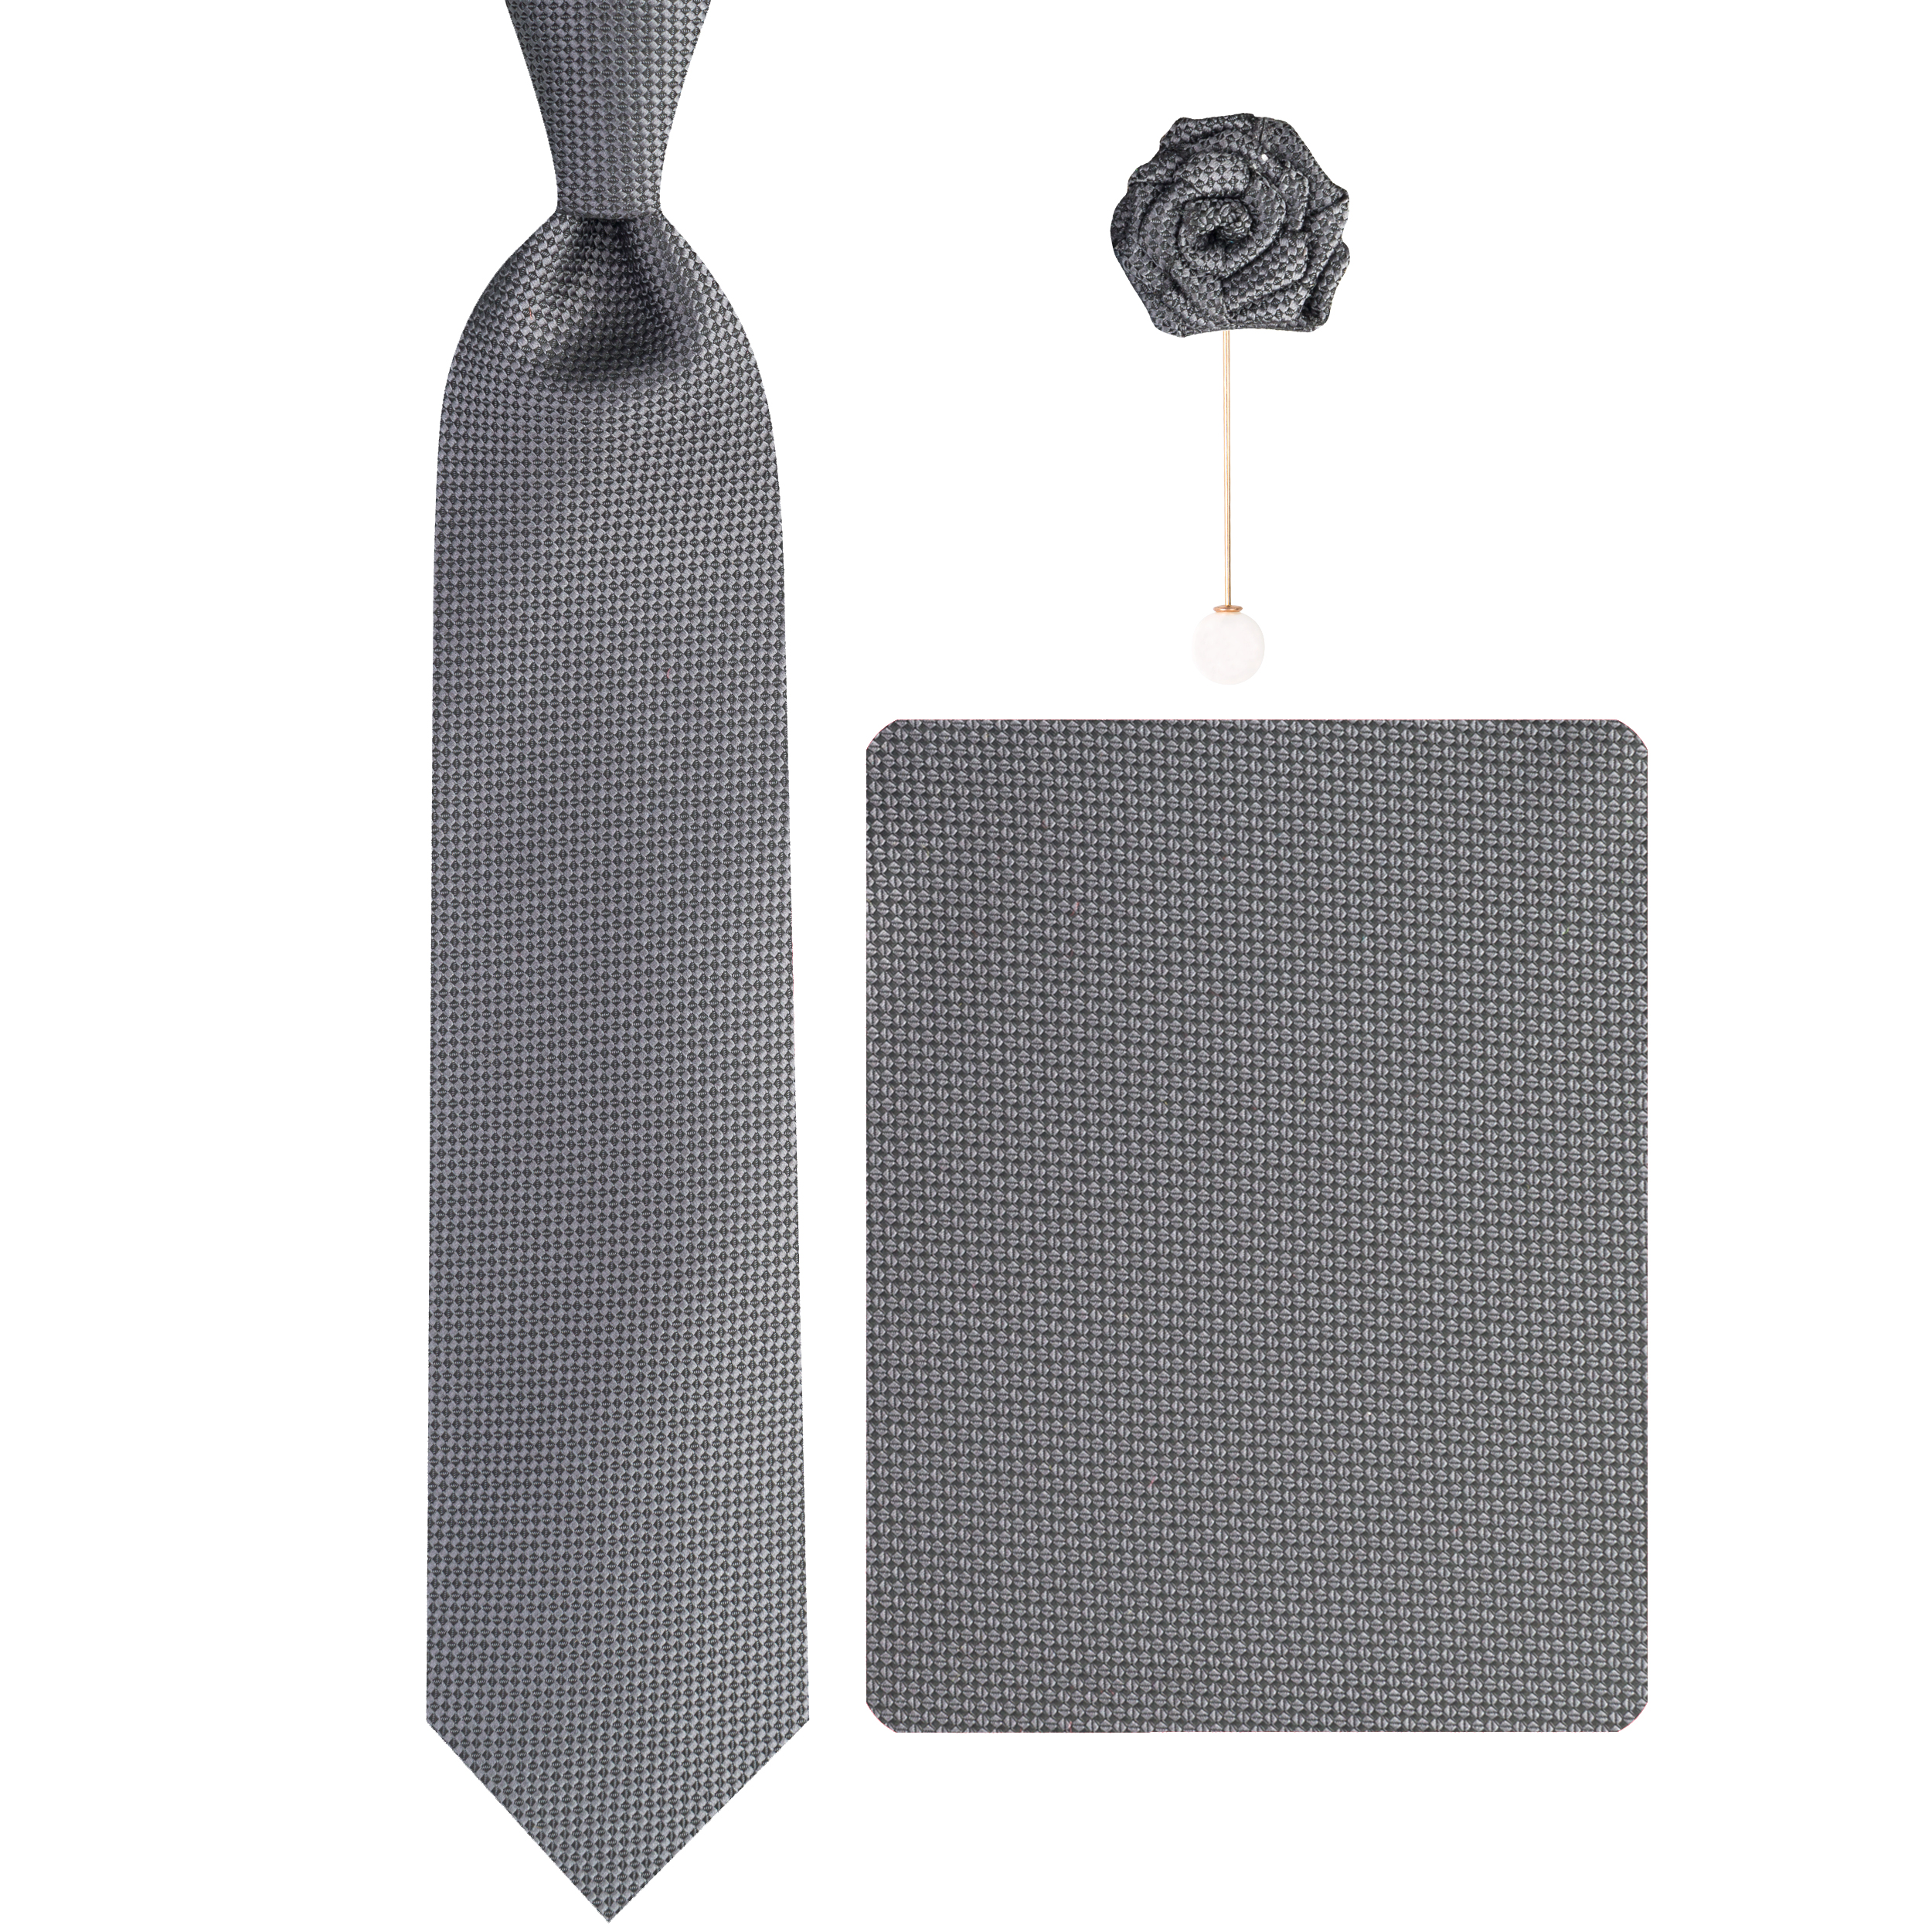 ست کراوات و دستمال جیب و گل کت مردانه جیان فرانکو روسی مدل GF-PA579-GR